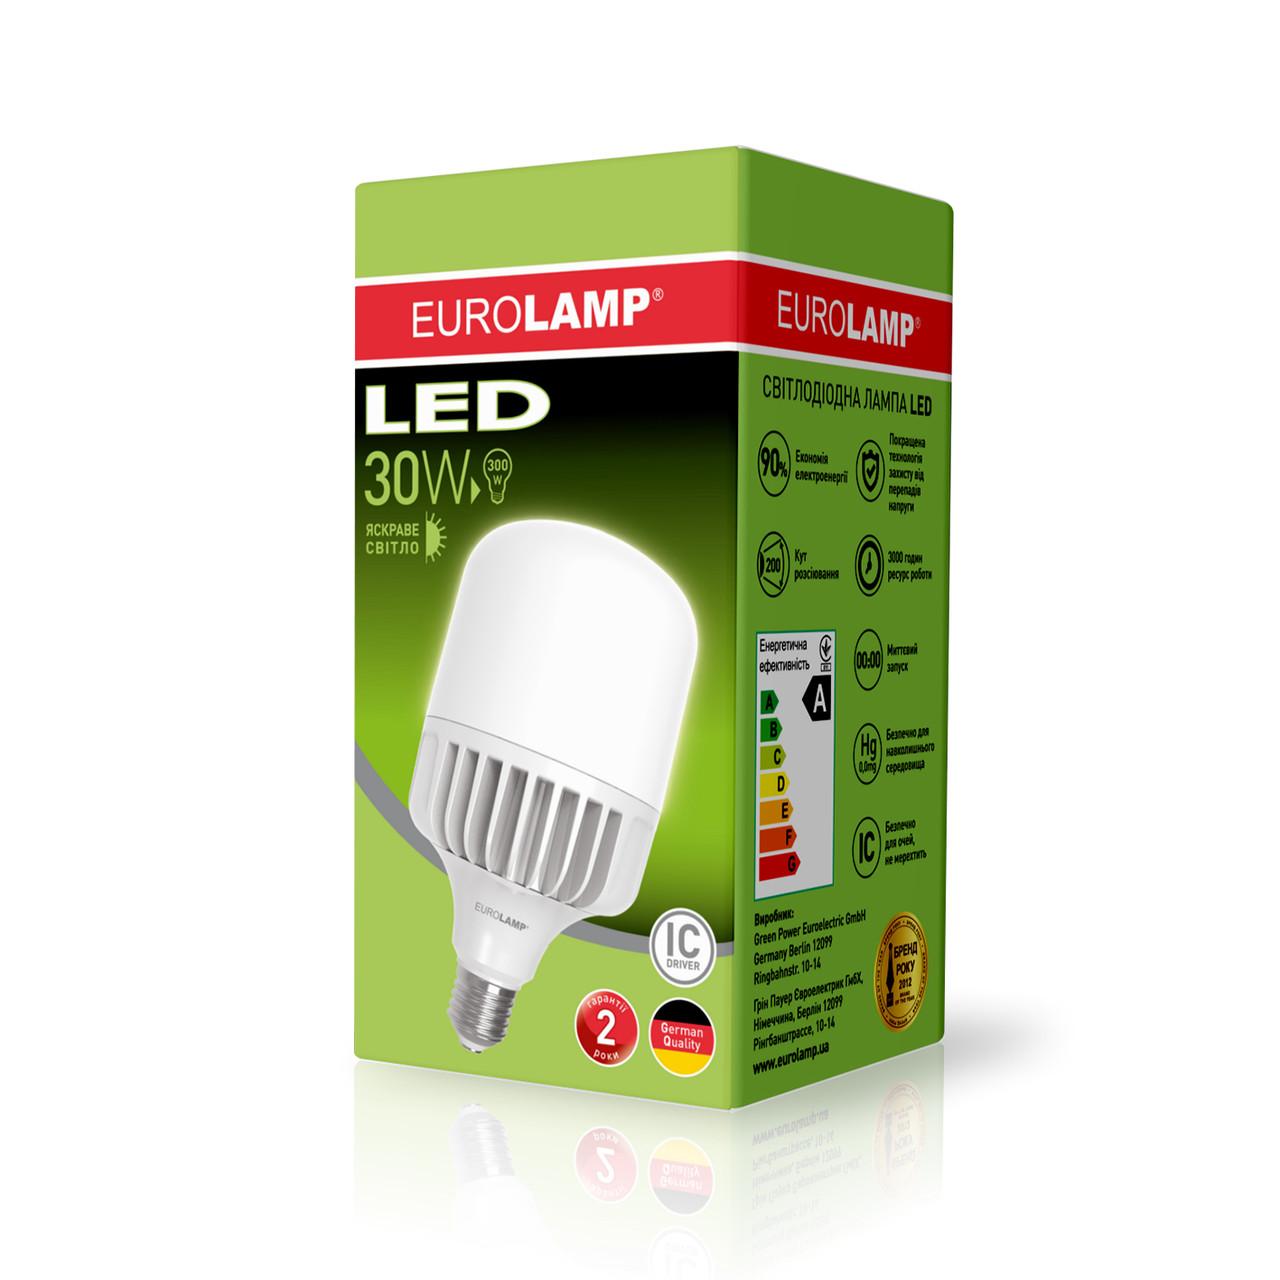 Высокомощная led-лампа Eurolamp LED 50W E40 5200Lm RA85 (LED-HP-50406)